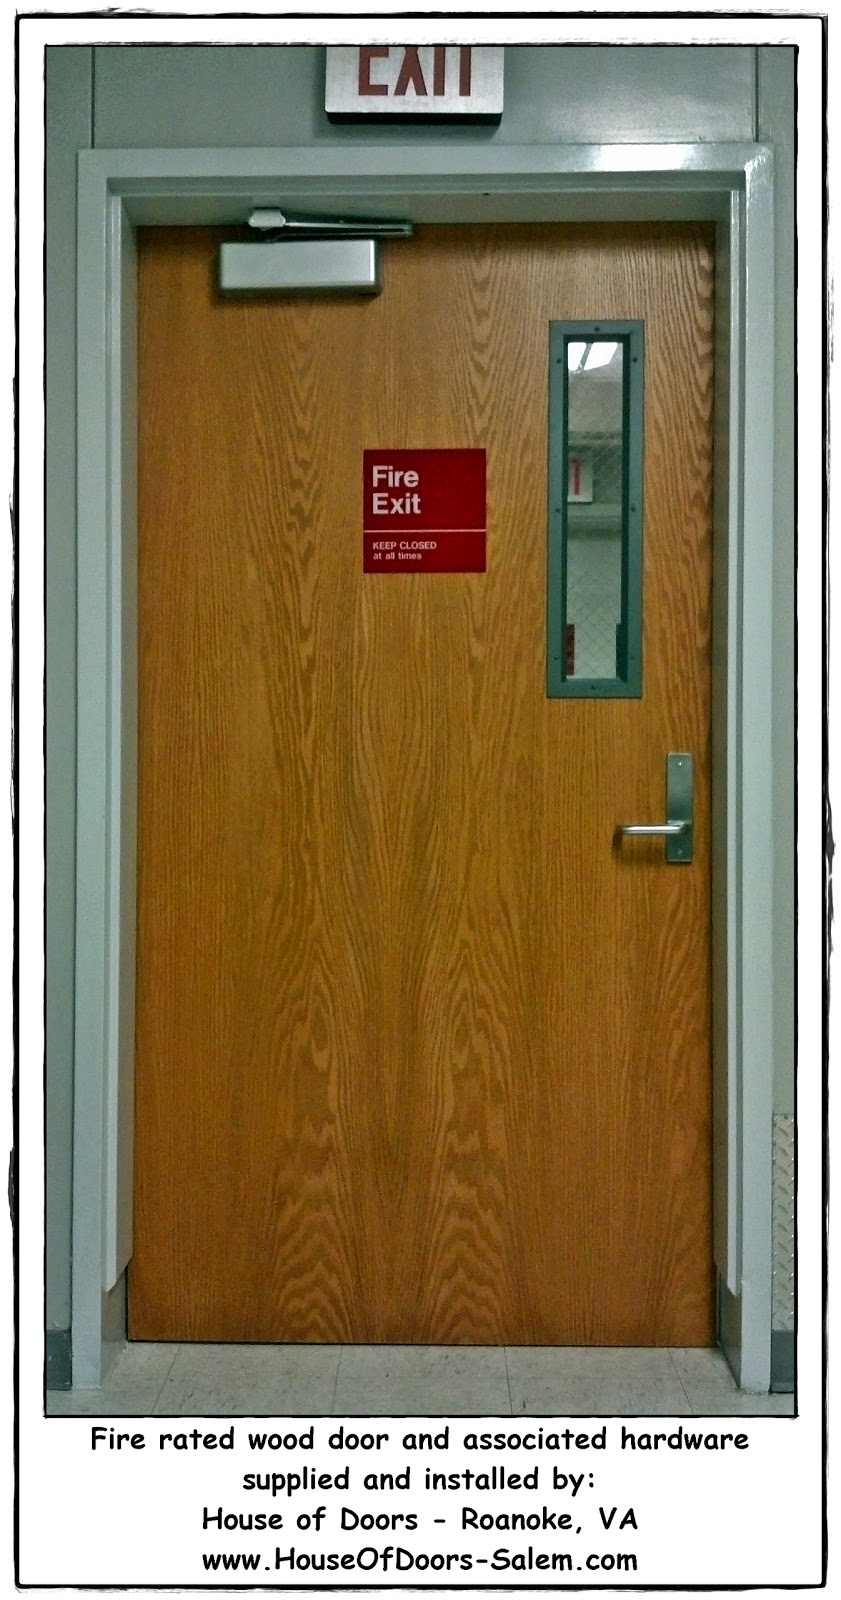 Door lite kits for commercial door - Mesker Door Lite Kits House Of Doors Roanoke Va Commercial Doors Frames Hardware Ada Low